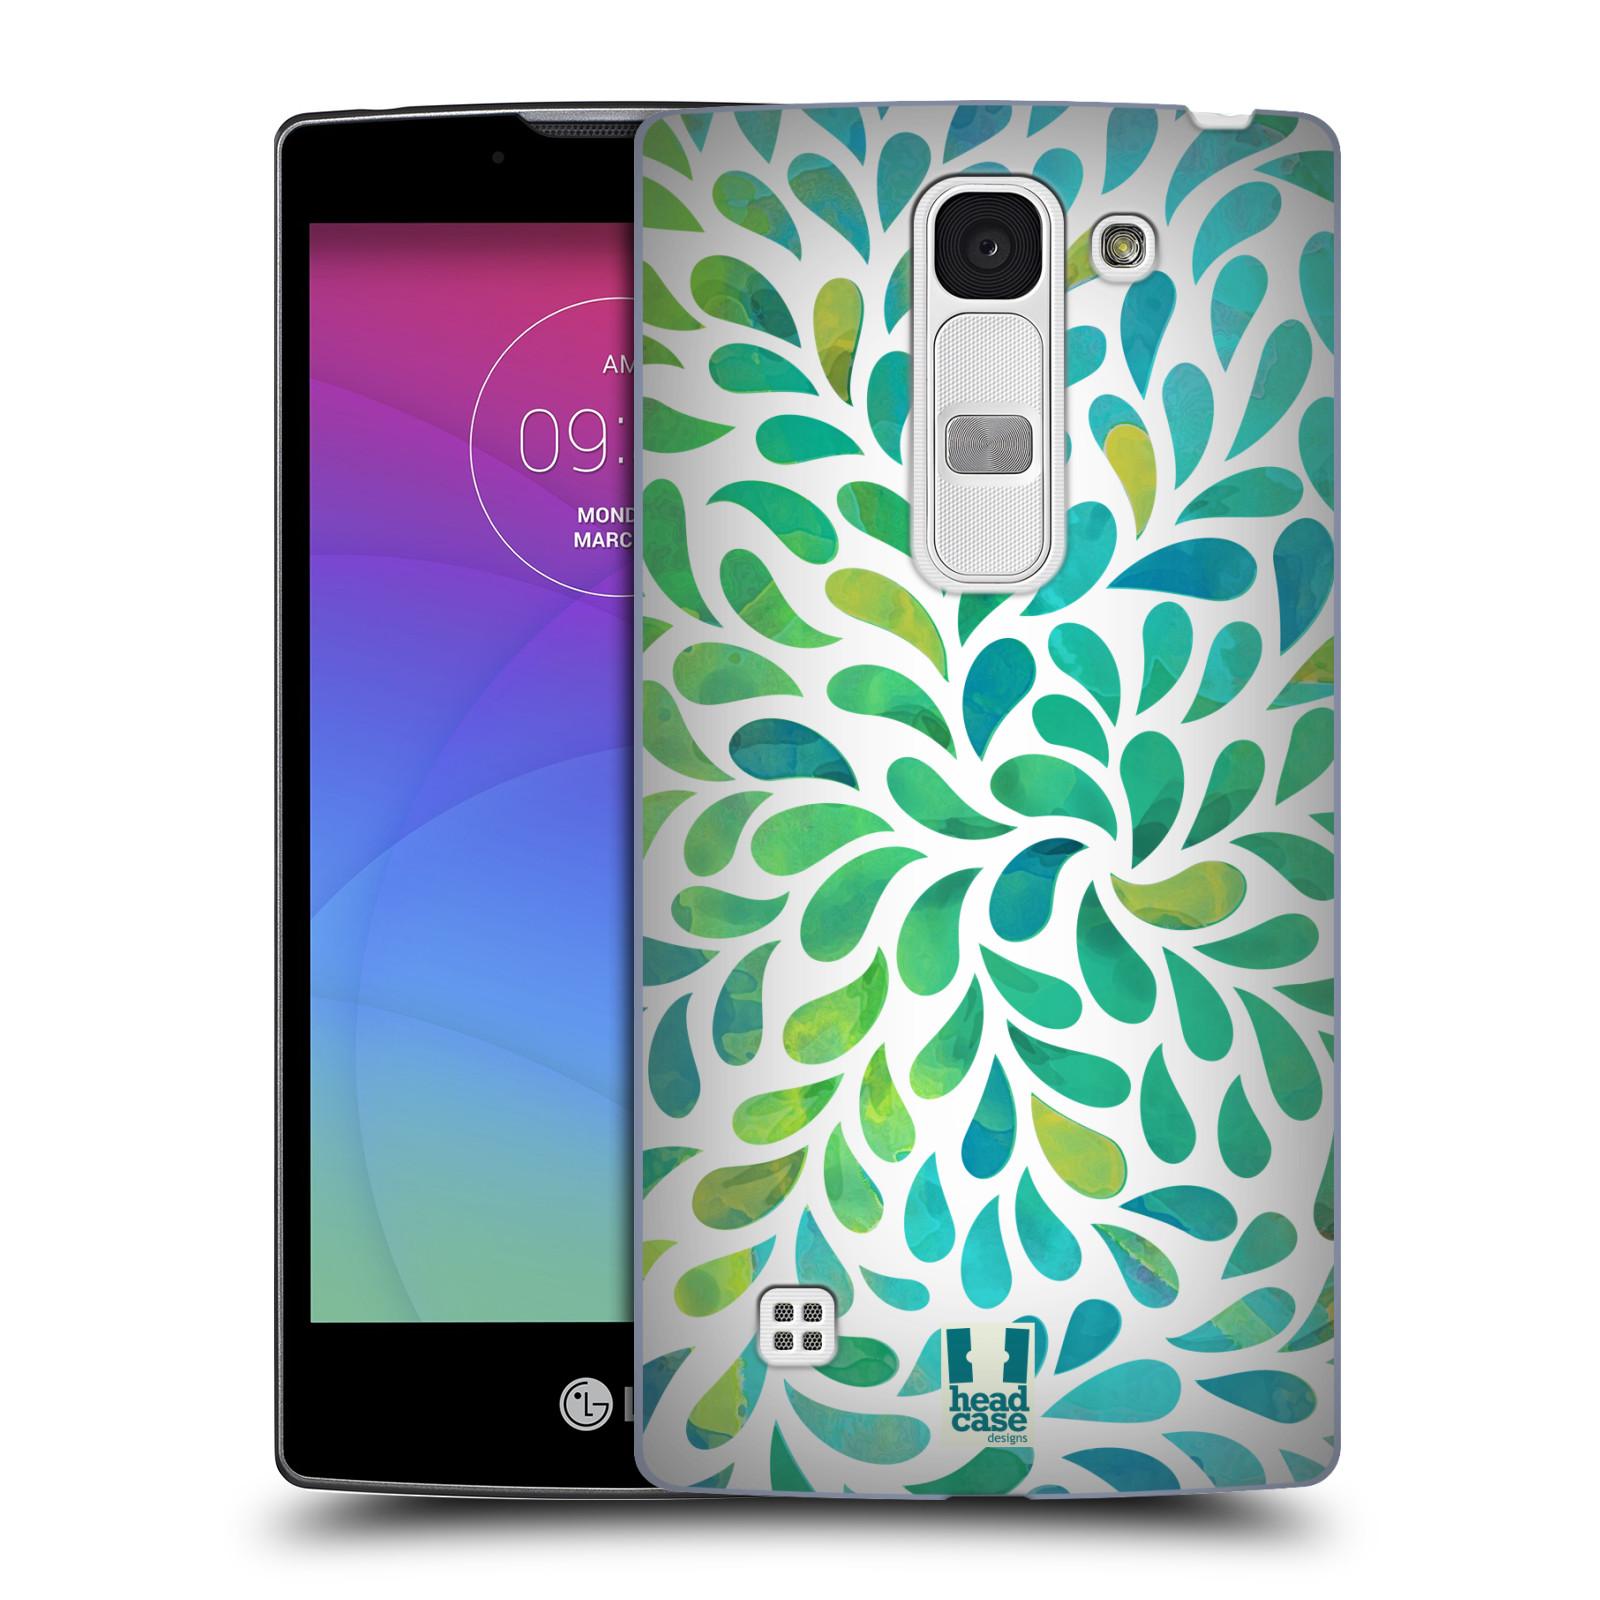 Plastové pouzdro na mobil LG Spirit LTE HEAD CASE Droplet Wave Kapičky (Kryt či obal na mobilní telefon LG Spirit H420 a LG Spirit LTE H440N)